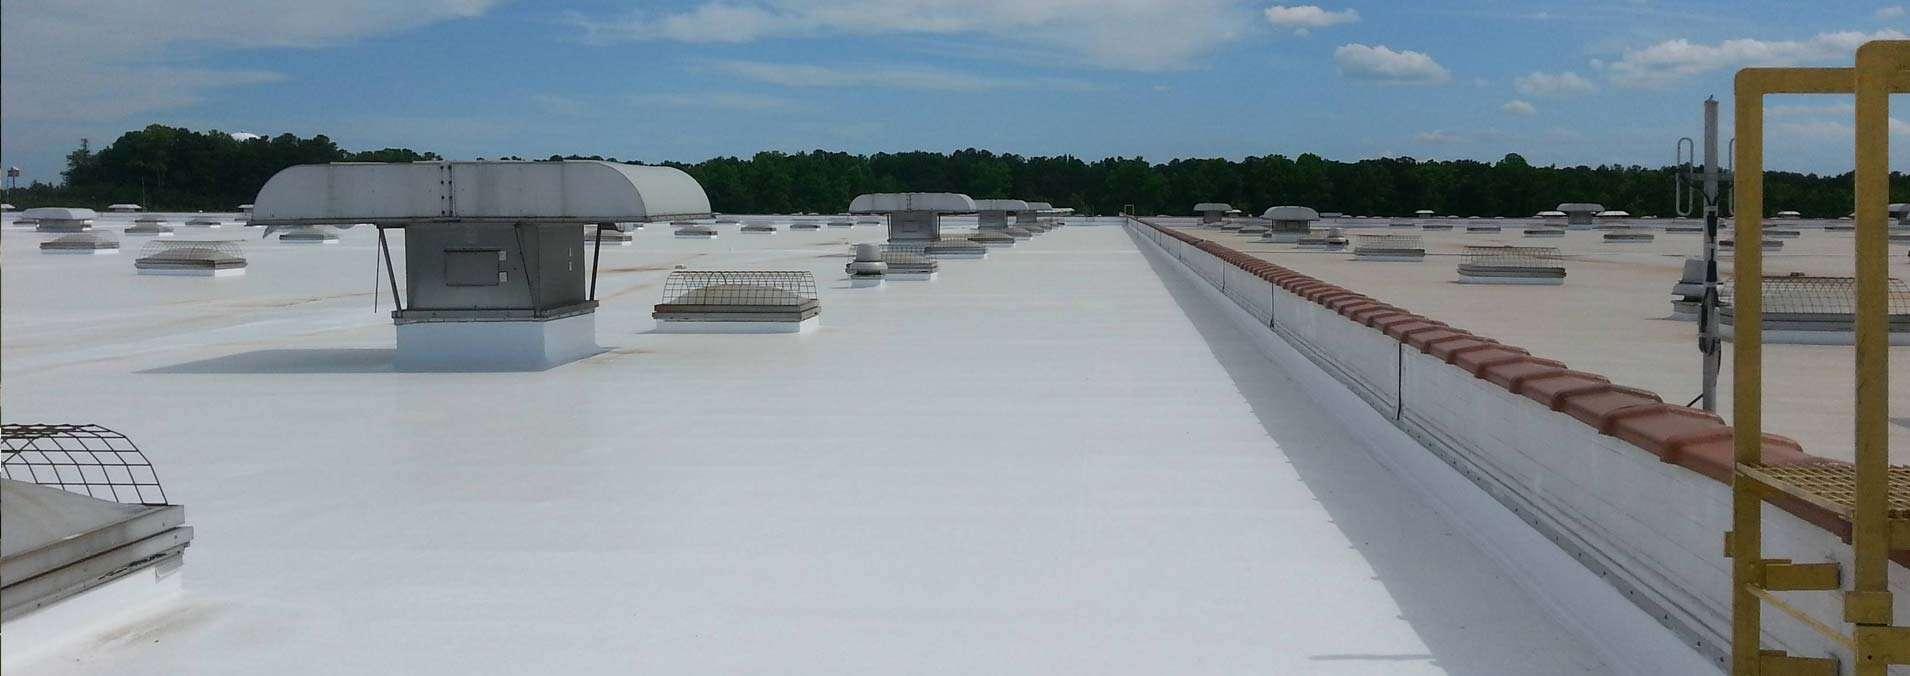 Metal Roof Coatings Atlanta, GA